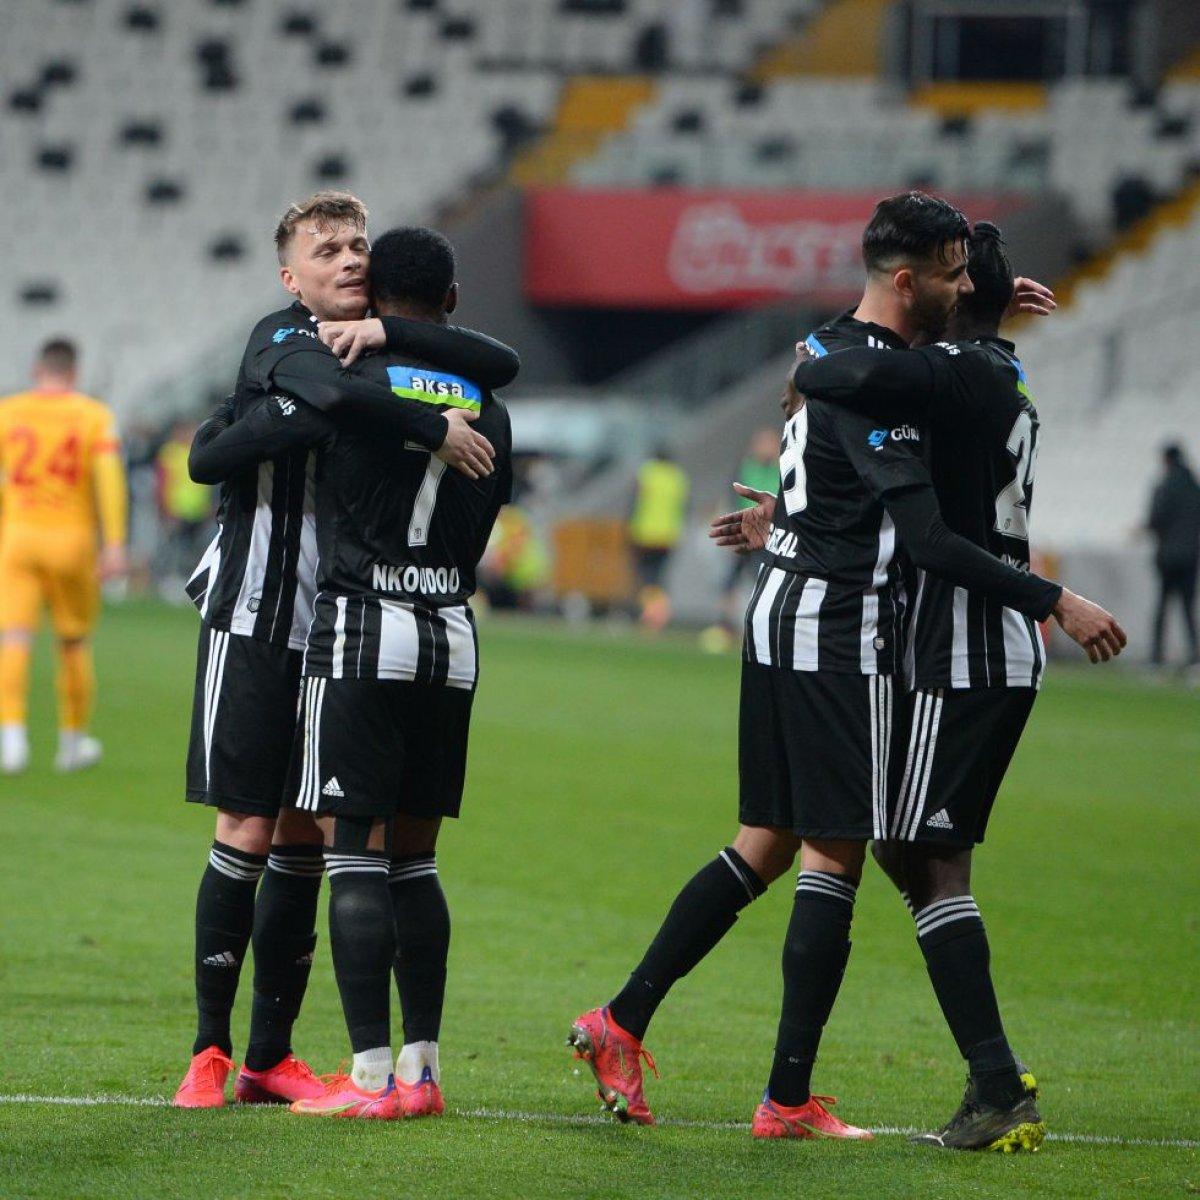 Beşiktaş, Kayserispor u 3 golle mağlup etti #3